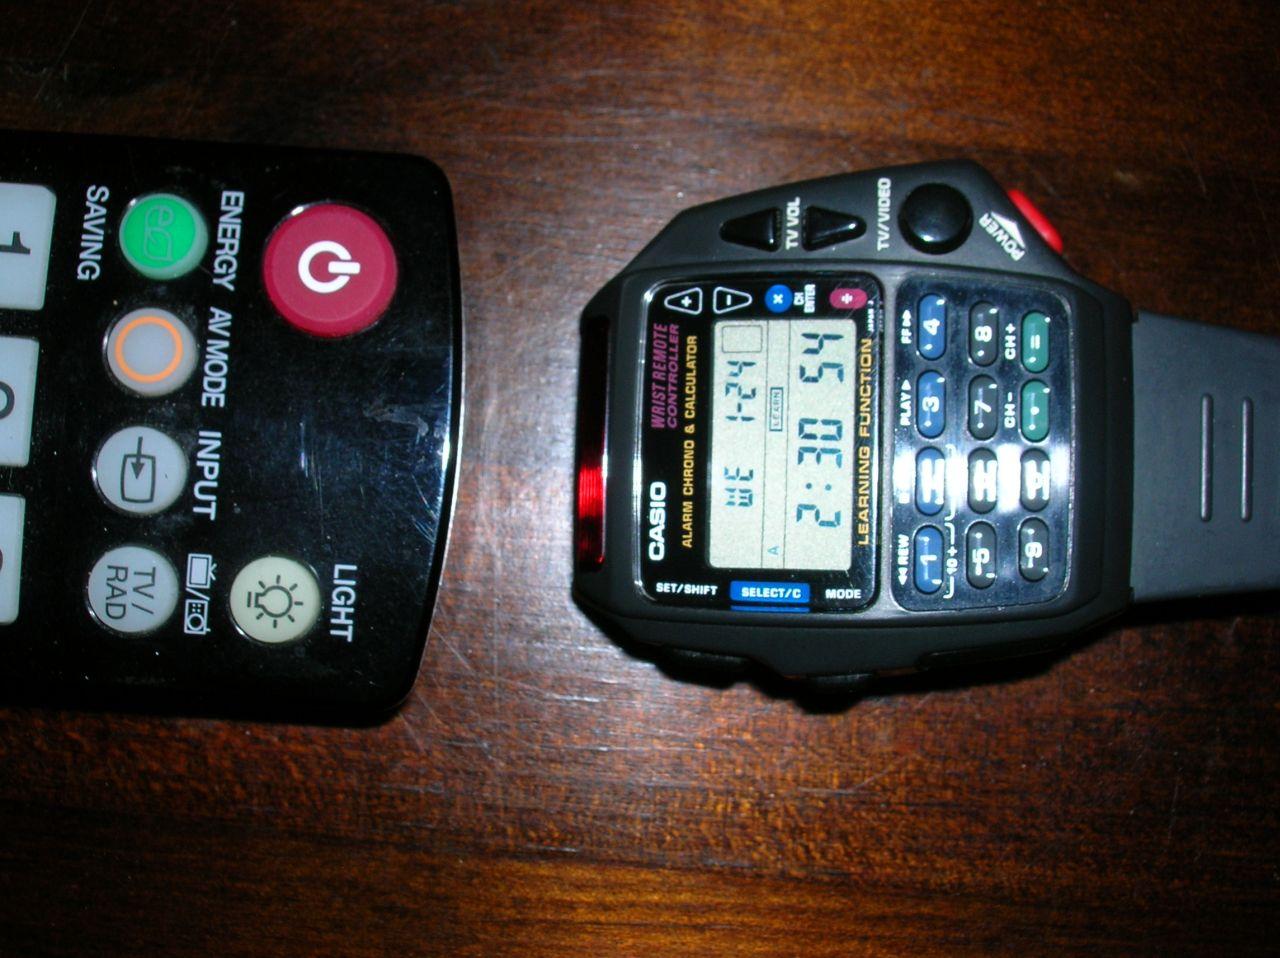 b4c14dc945d6 Ambos modelos funcionan de maravilla gracias a un infrarrojo ubicado en la  parte superior del reloj. Para poder usarlo en televisores hace falta que  ...